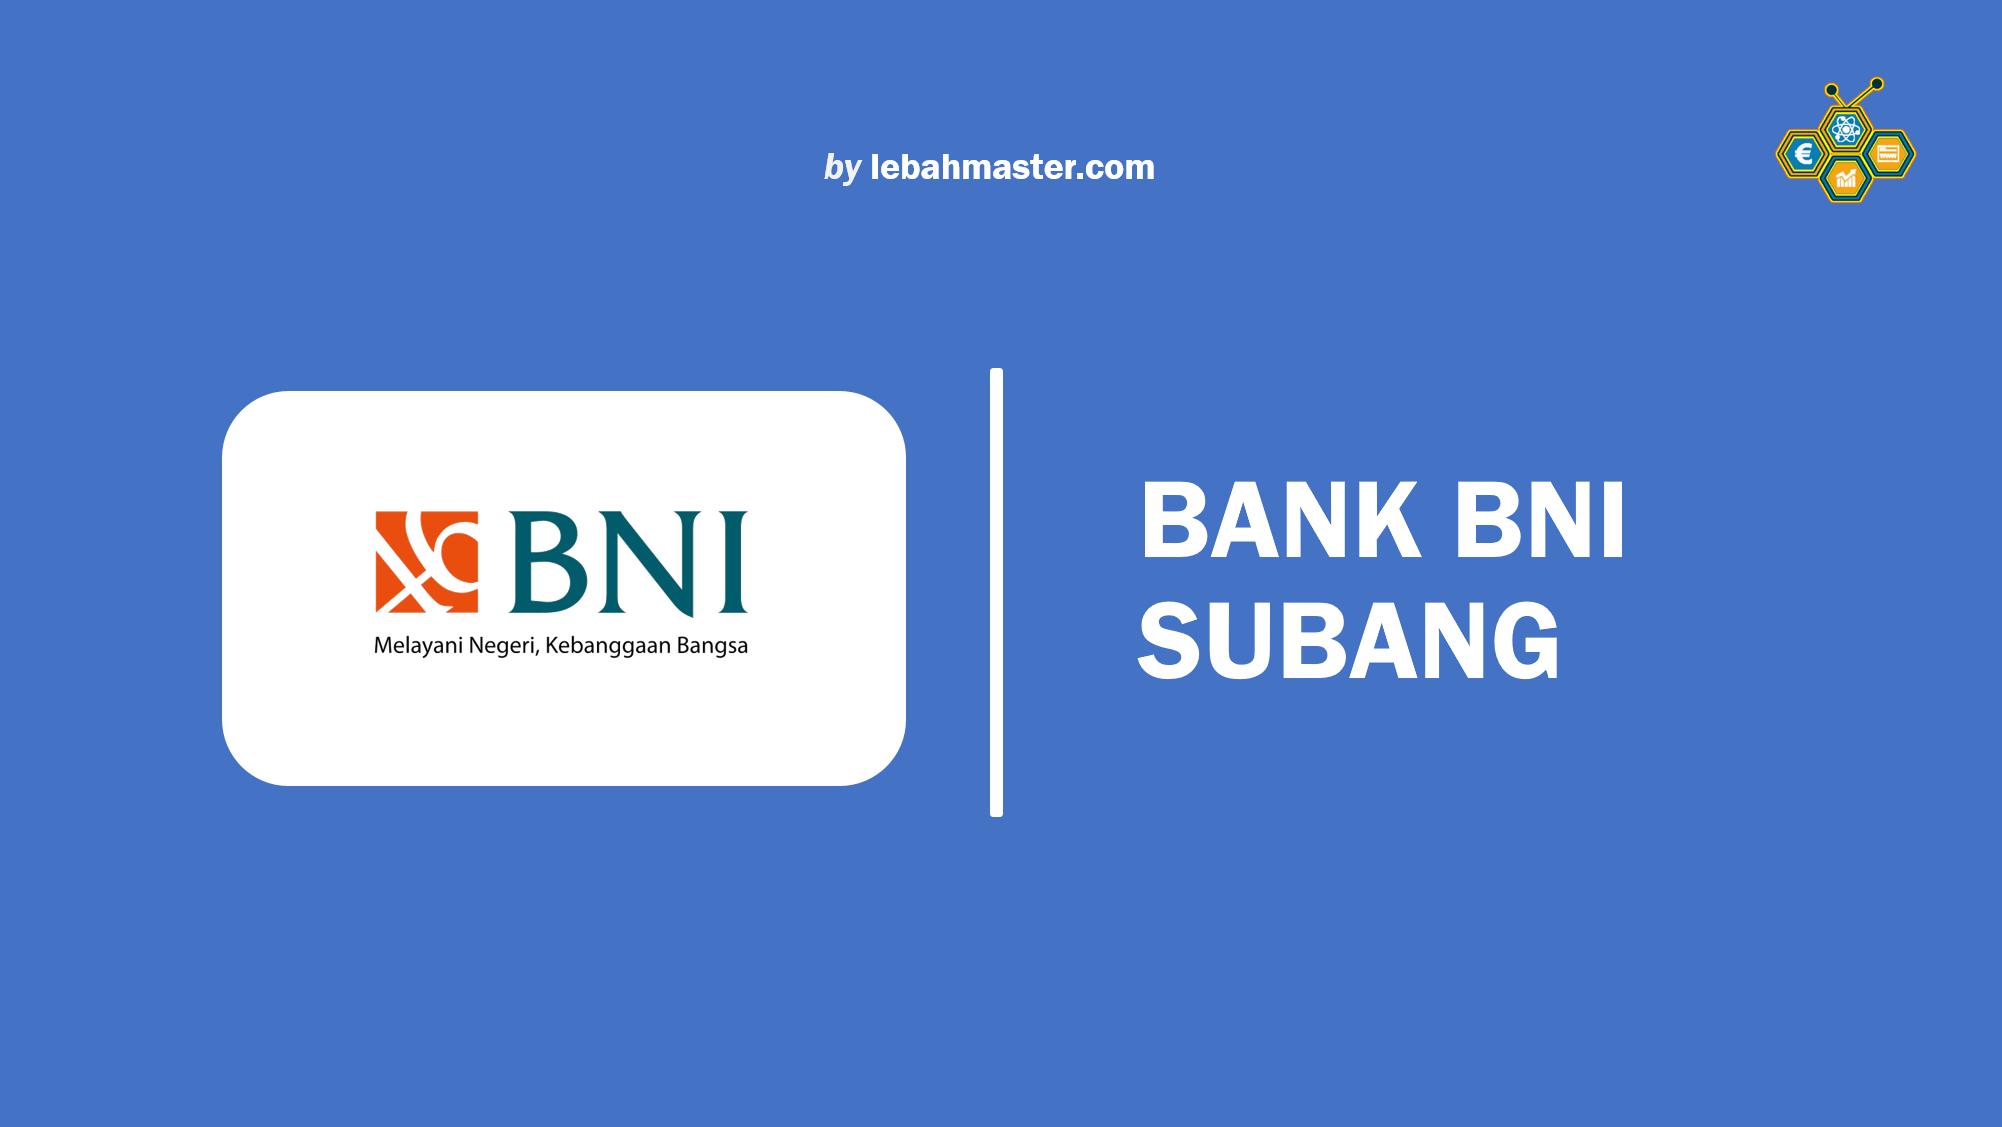 Bank BNI Subang